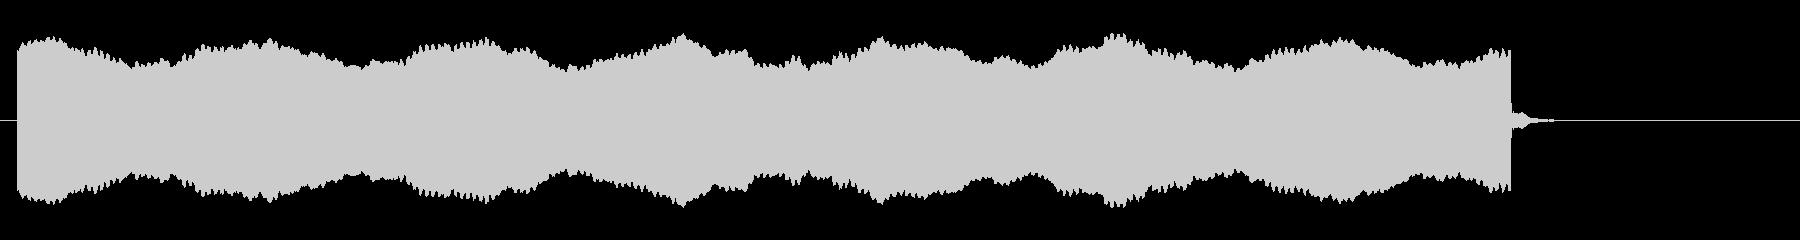 心停止の心電図音-Cの未再生の波形